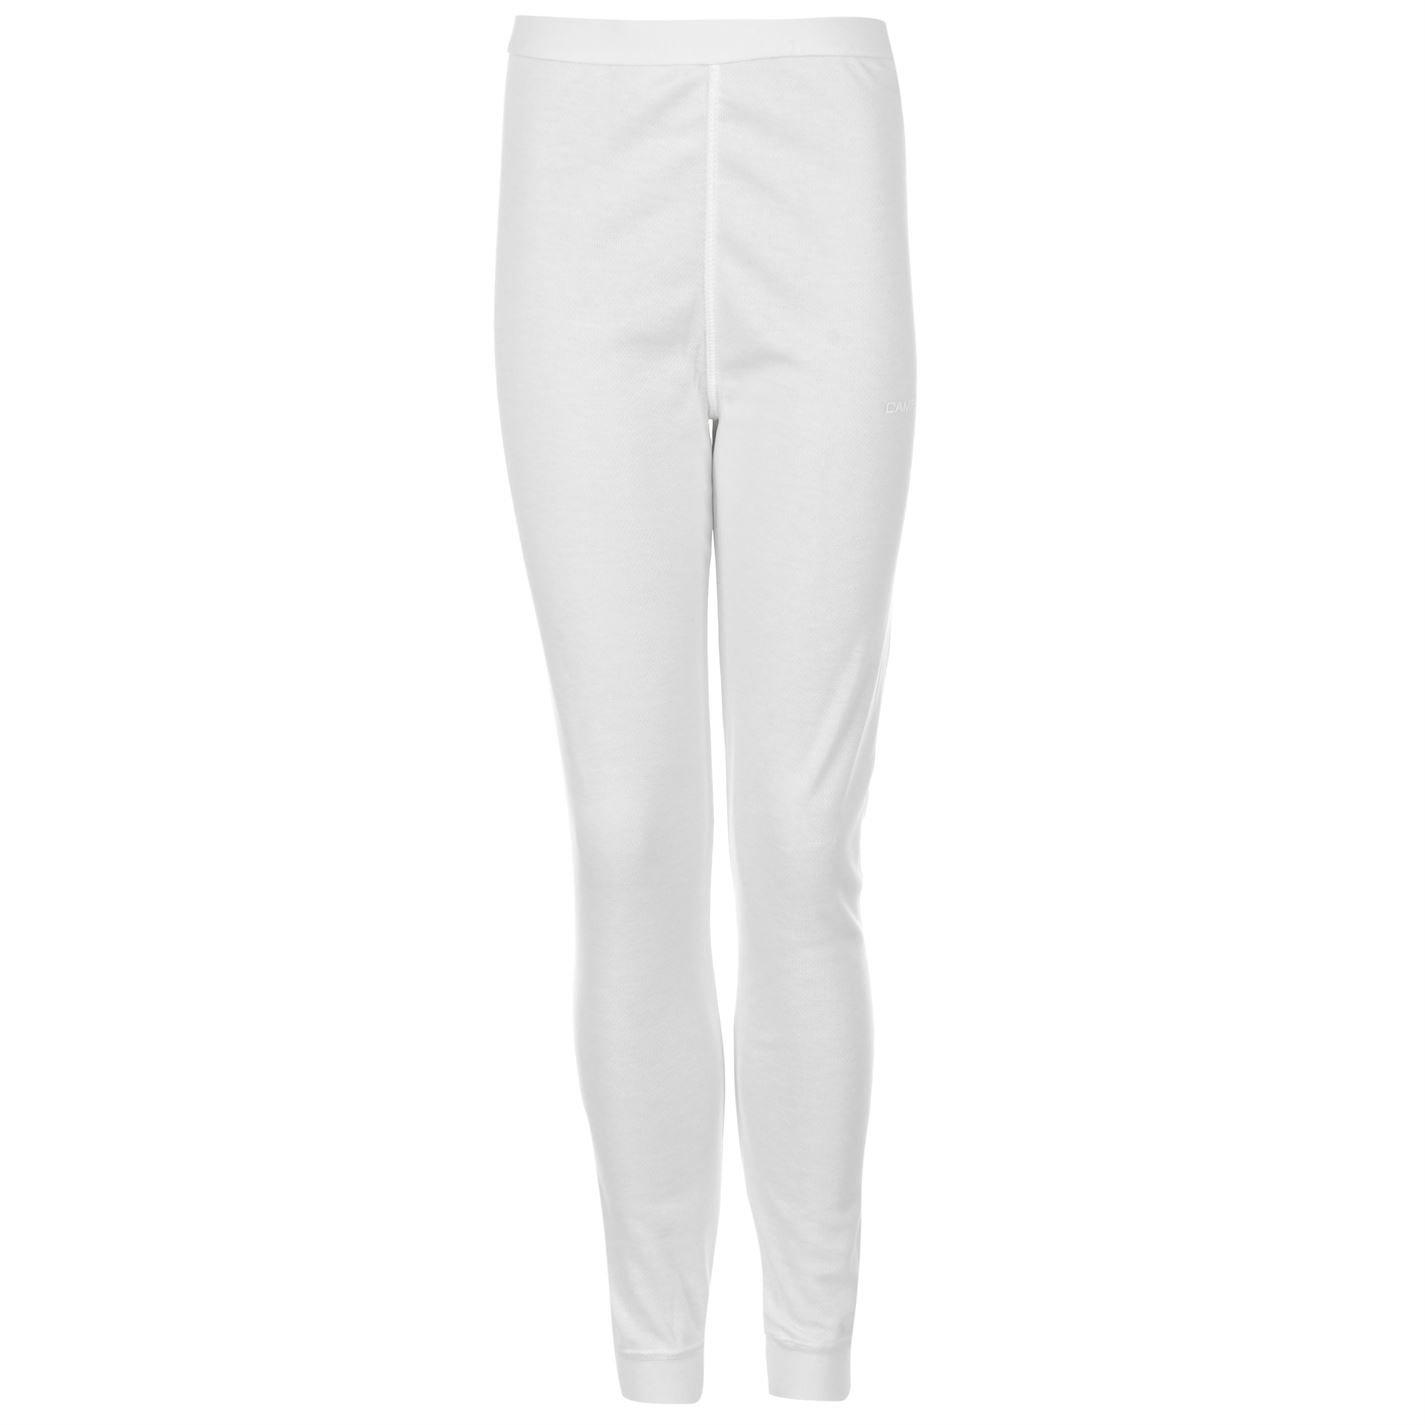 Campri termica per bambini sport pantaloni caldo strato di base pantaloni lunghi junior